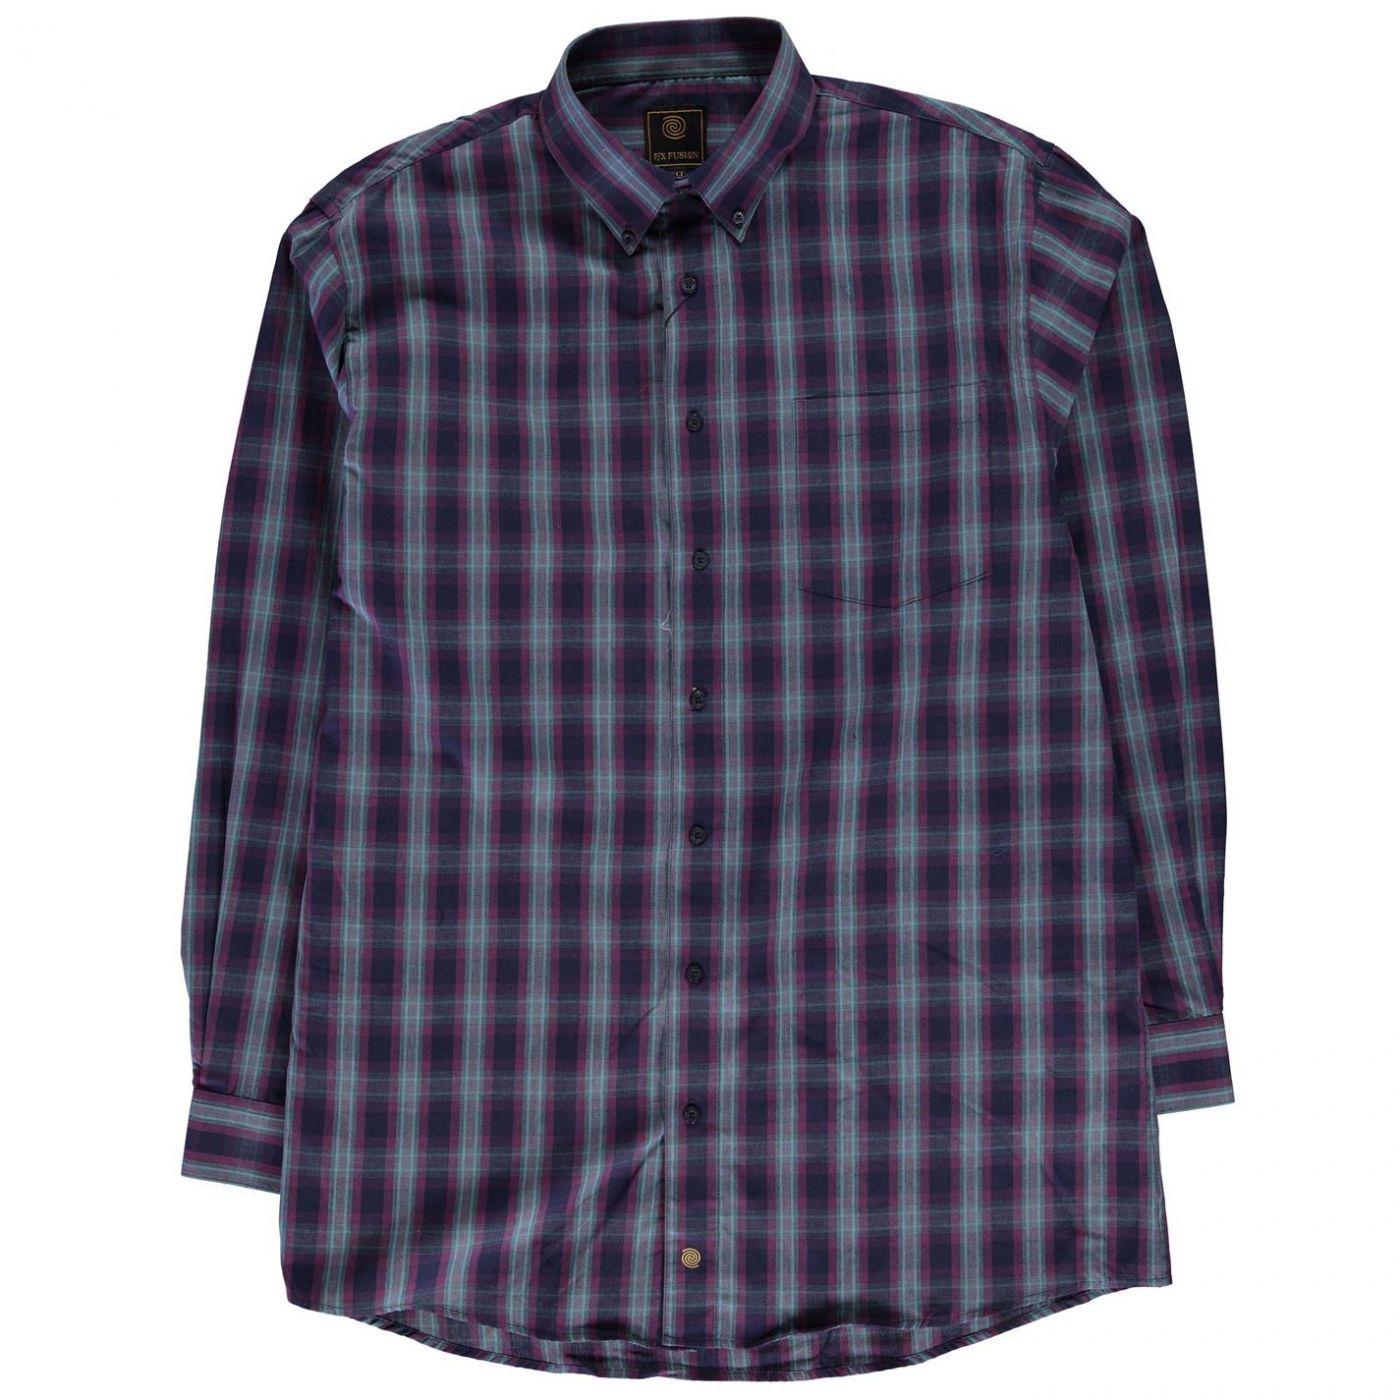 Fusion Plaid Check Shirt Mens